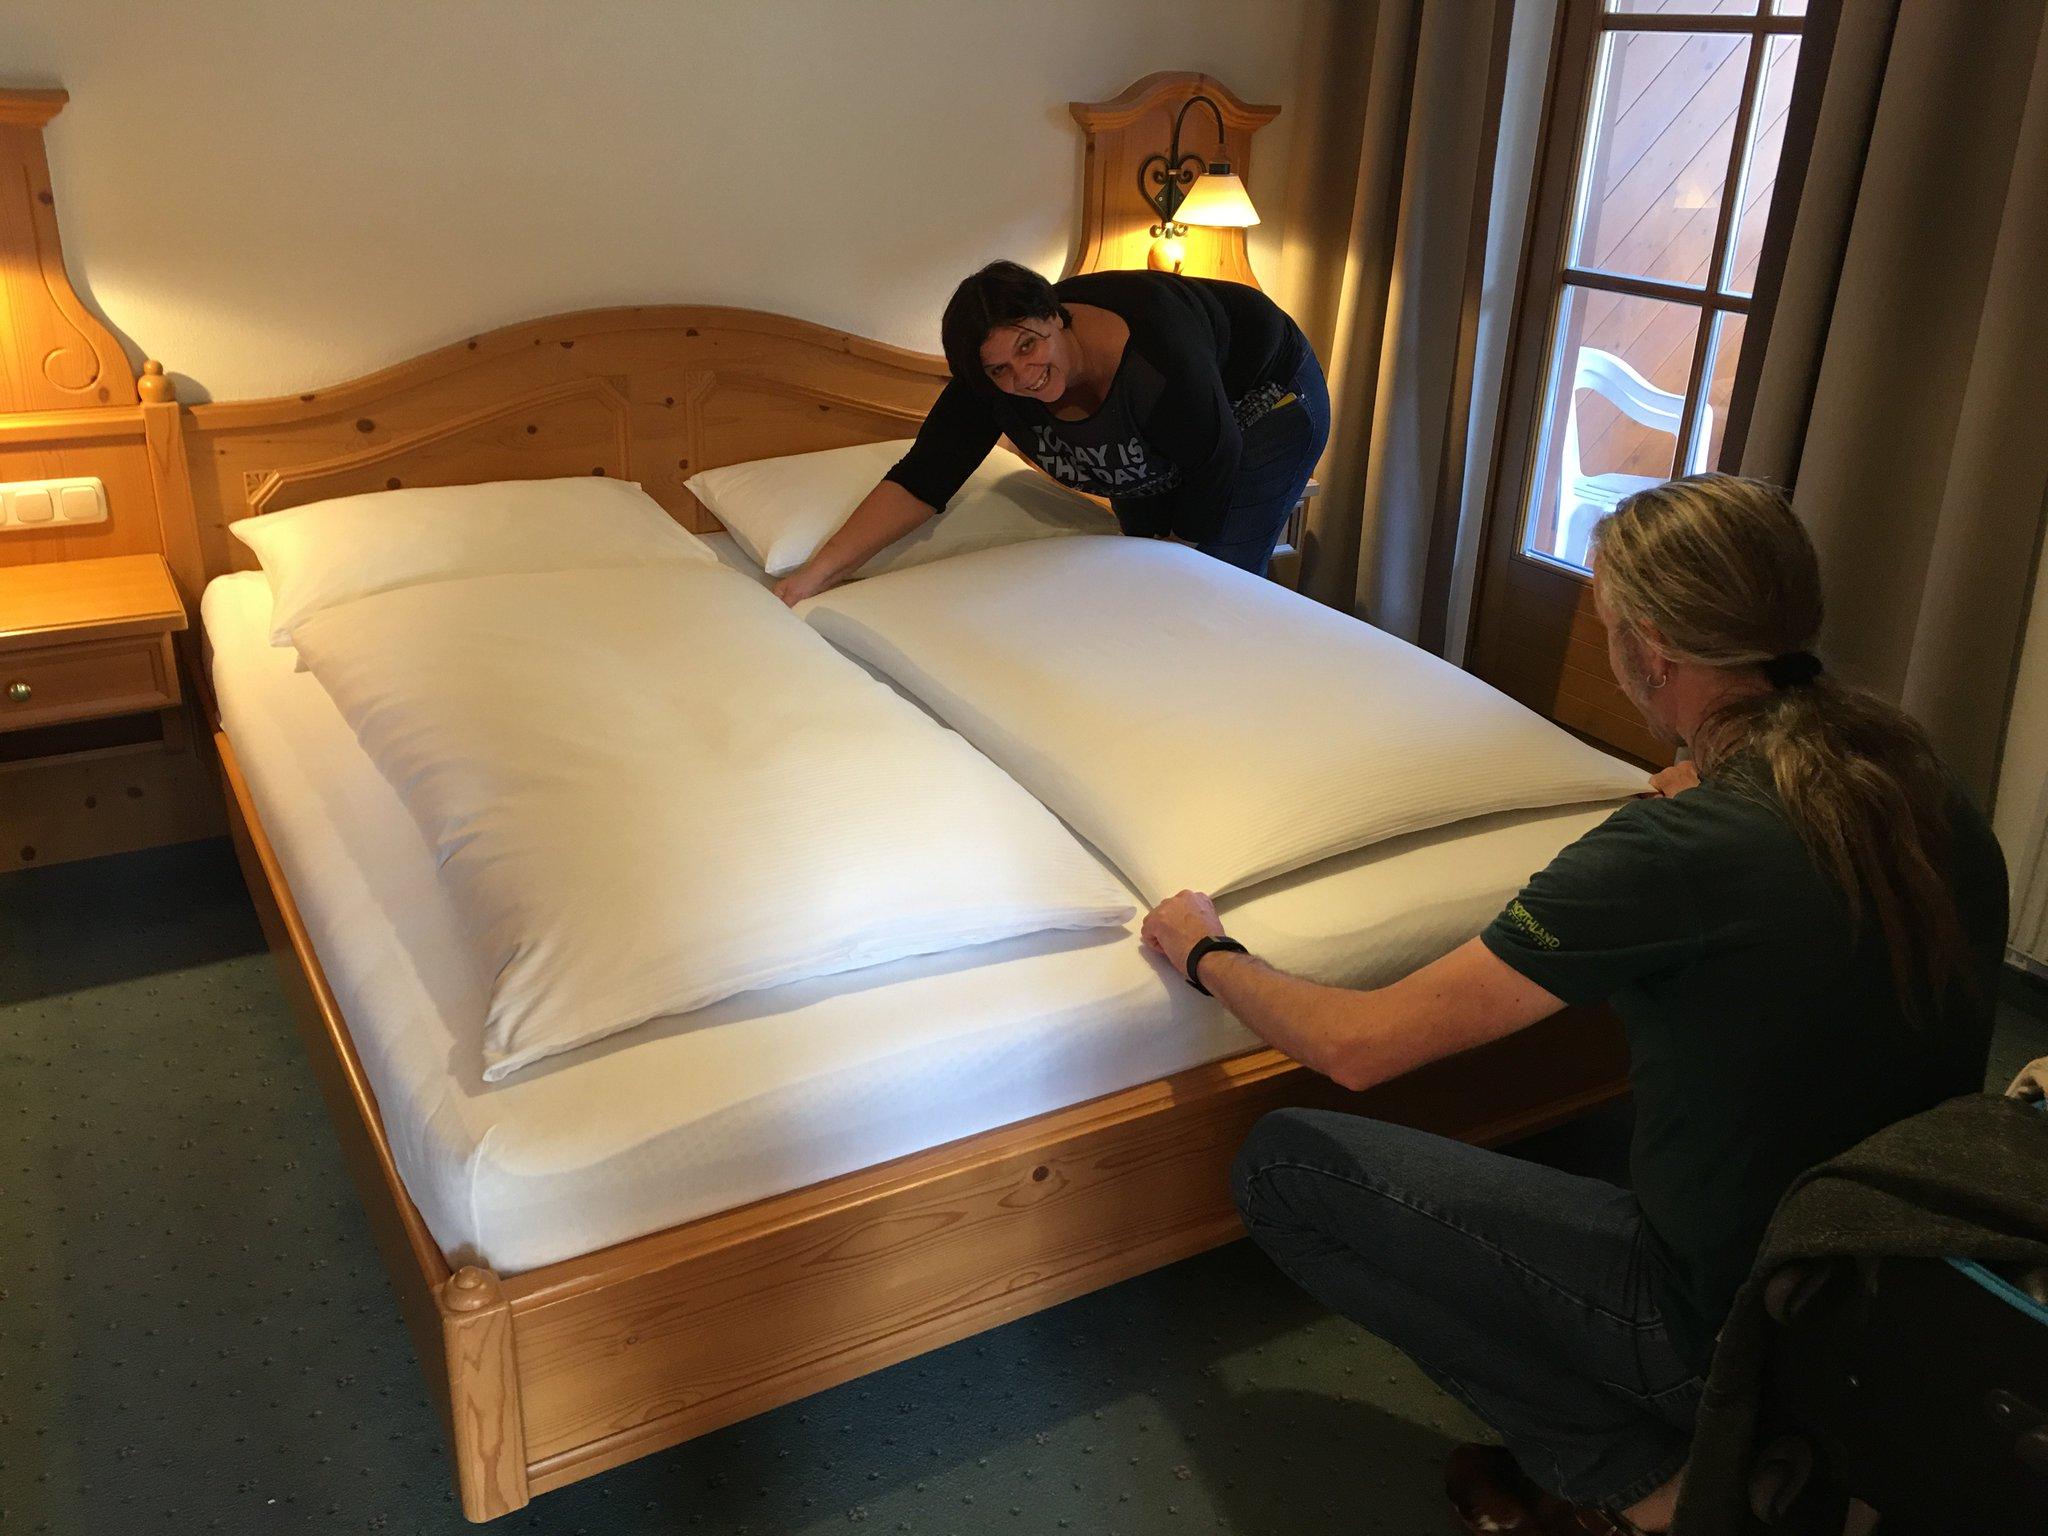 Und immer an die Bettwäsche denken!! #meurers #hotelkristall https://t.co/UtgV1rQhLO